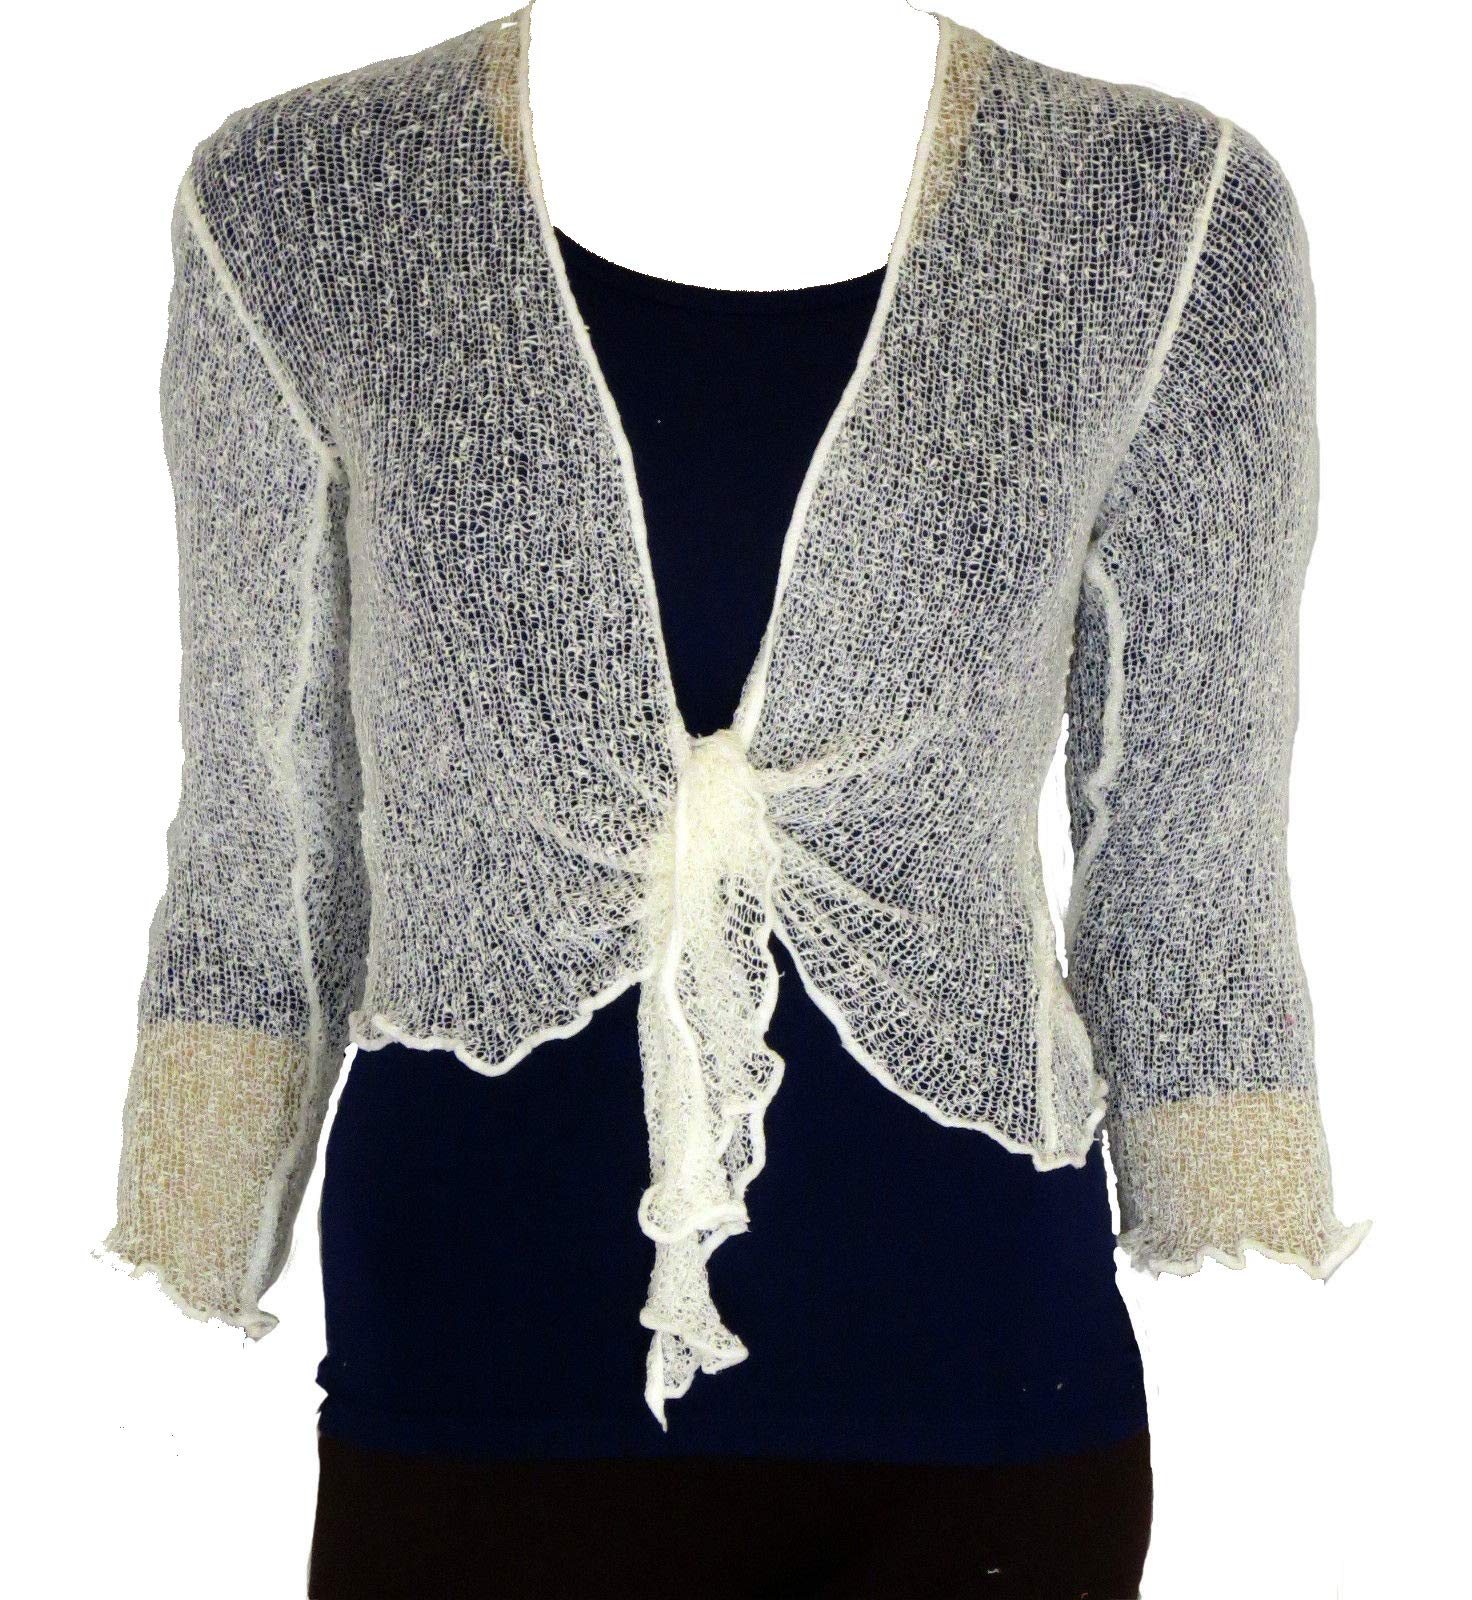 Taboo fashion clothing en Tricot Uni Court Tie Up Boléro Top – Massive  Gamme de Couleurs ab513e48b6e